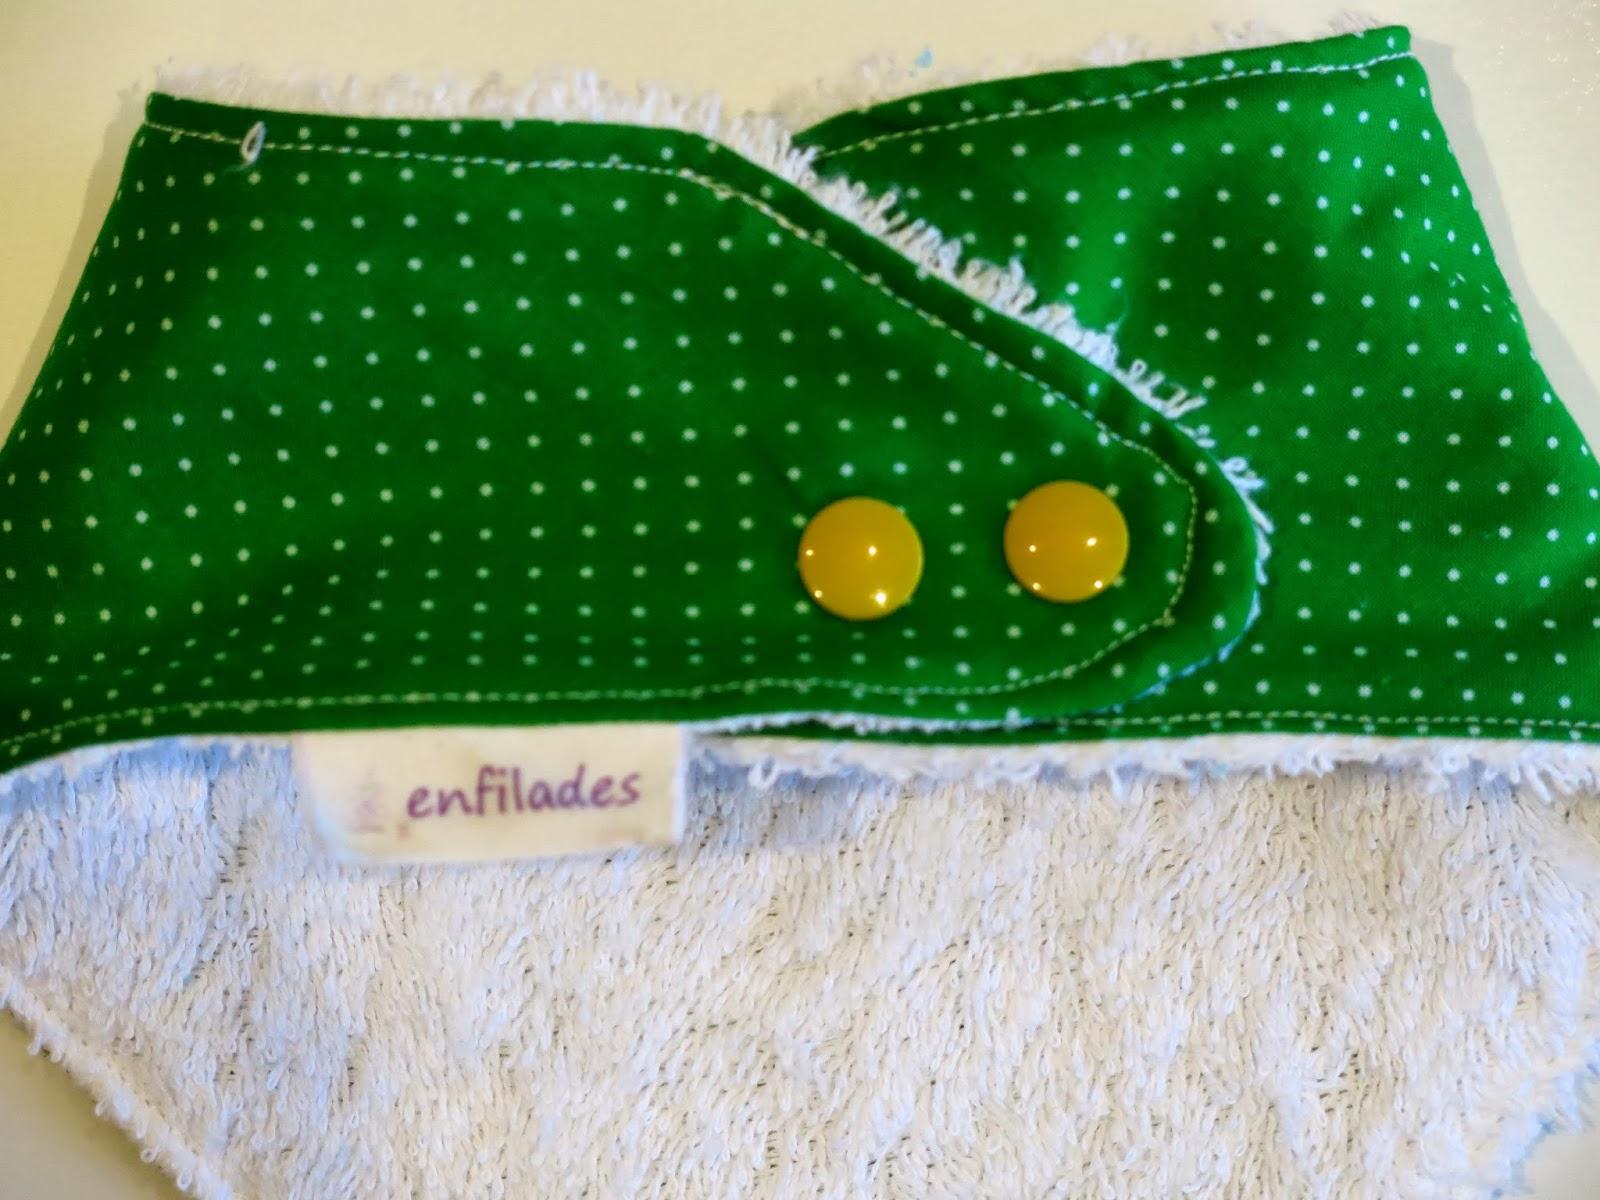 pitet bandana verd puntejat darrere- serie Escola enfilades.cat